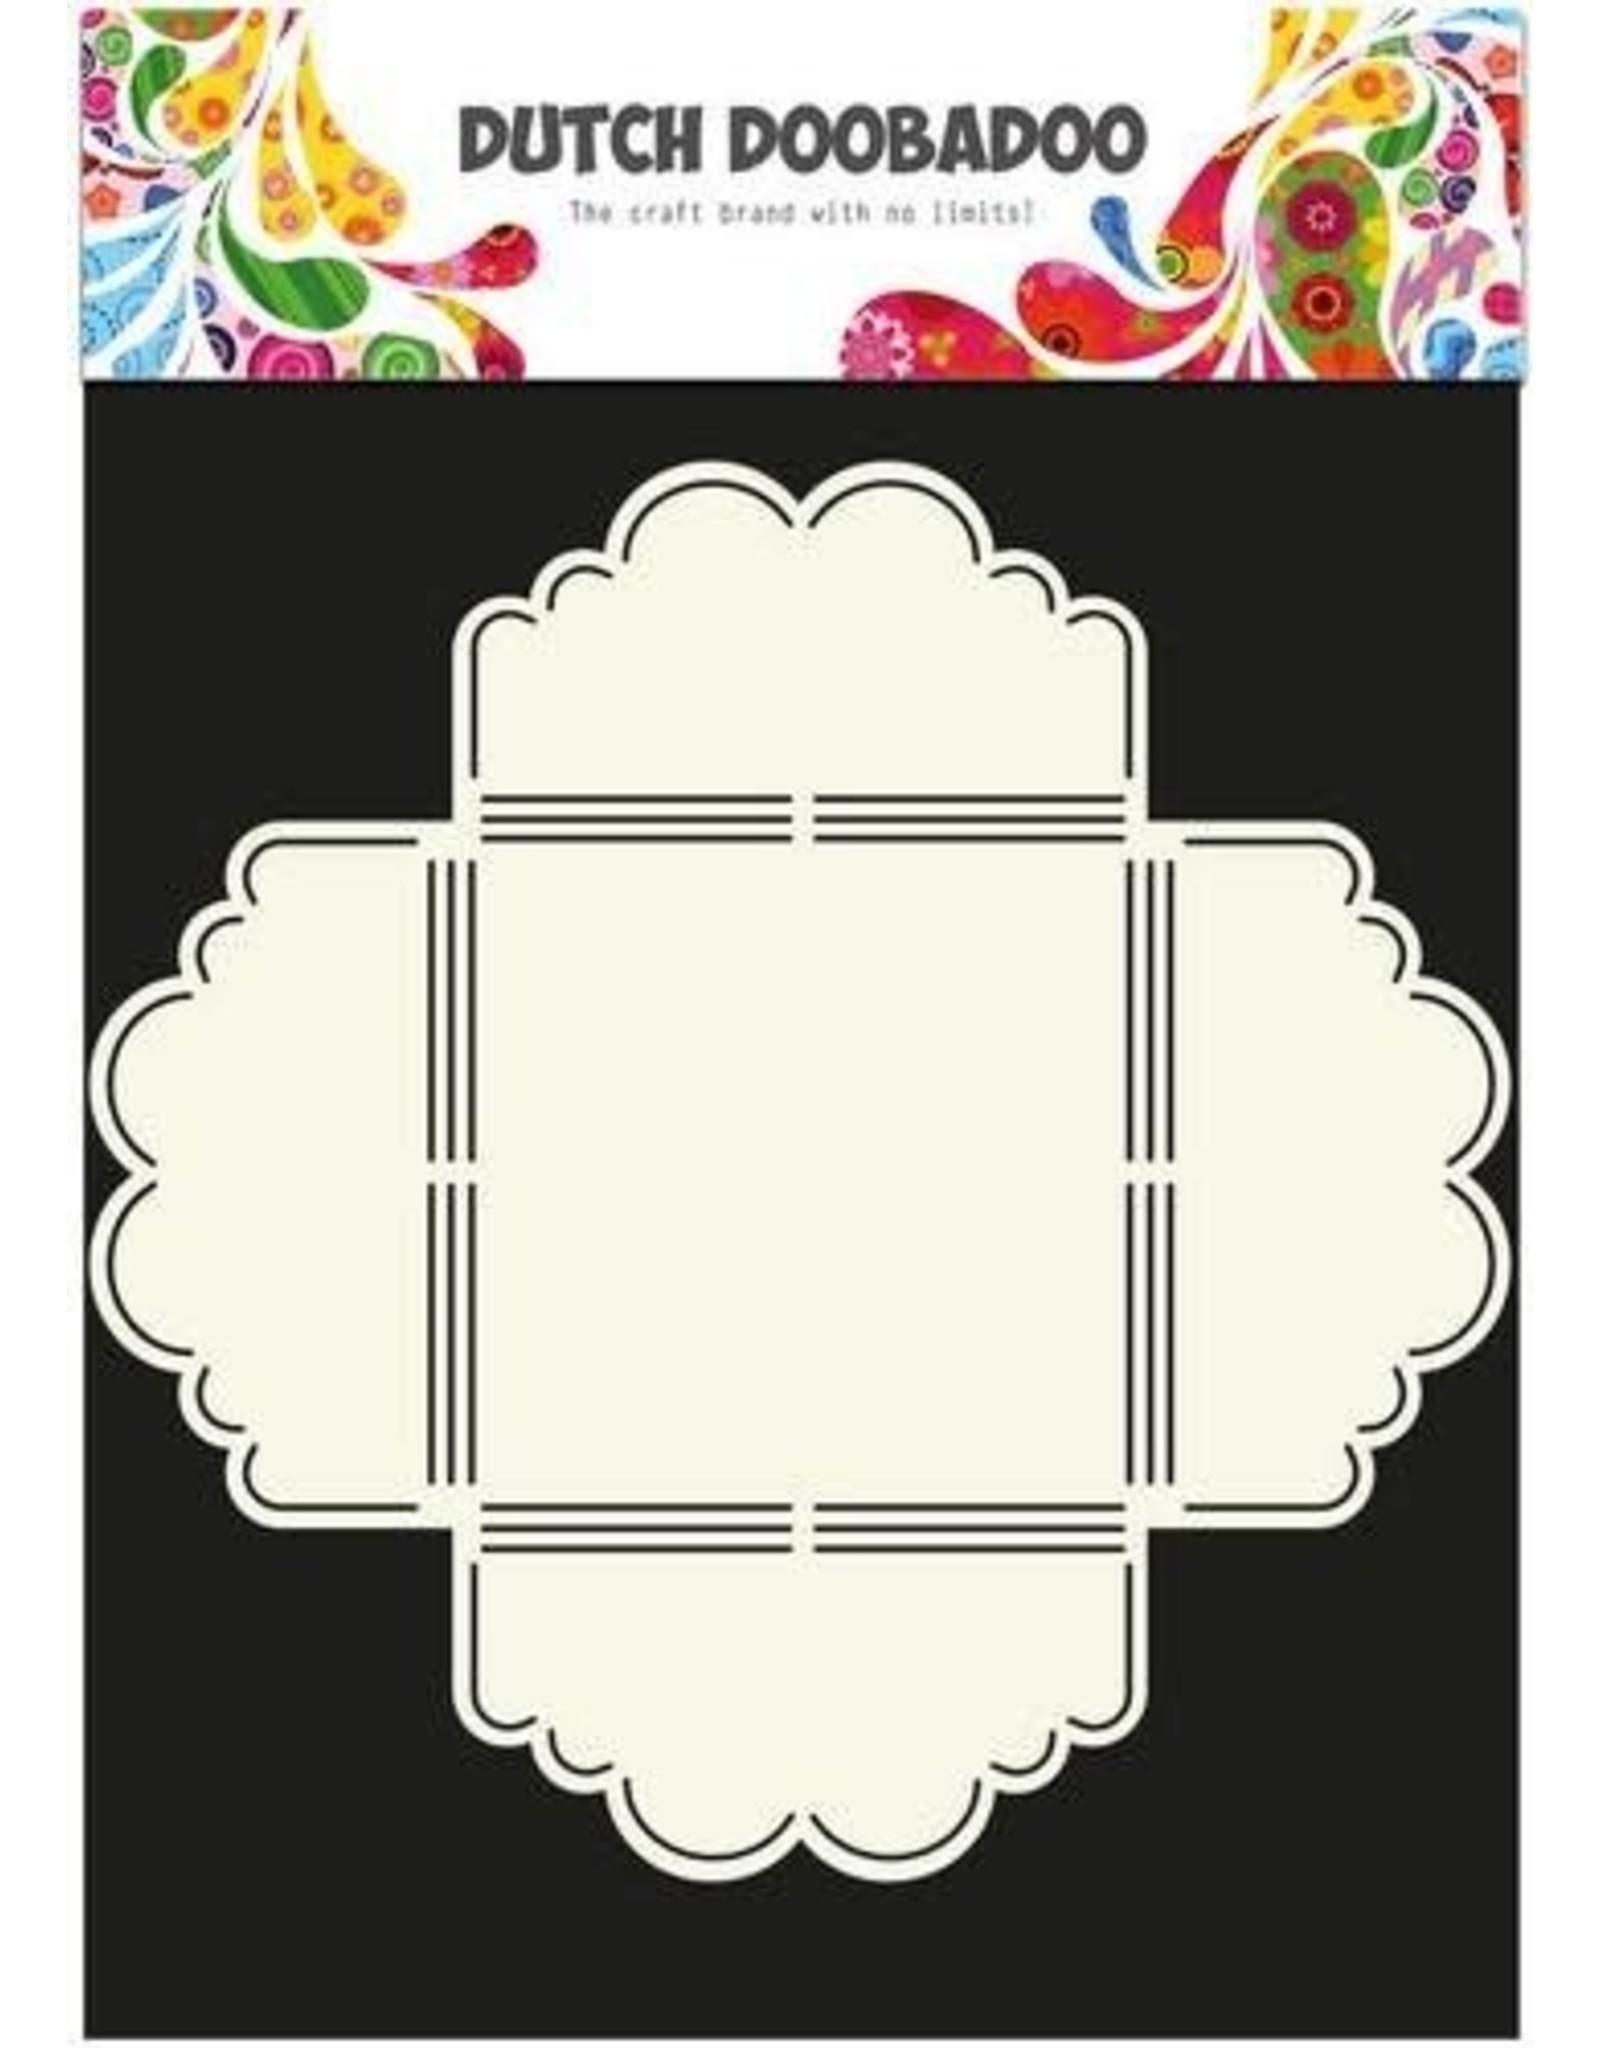 Dutch Doobadoo envelop art Dutch Doobadoo Dutch Envelop Art Scallop 3 A4 470.713.020